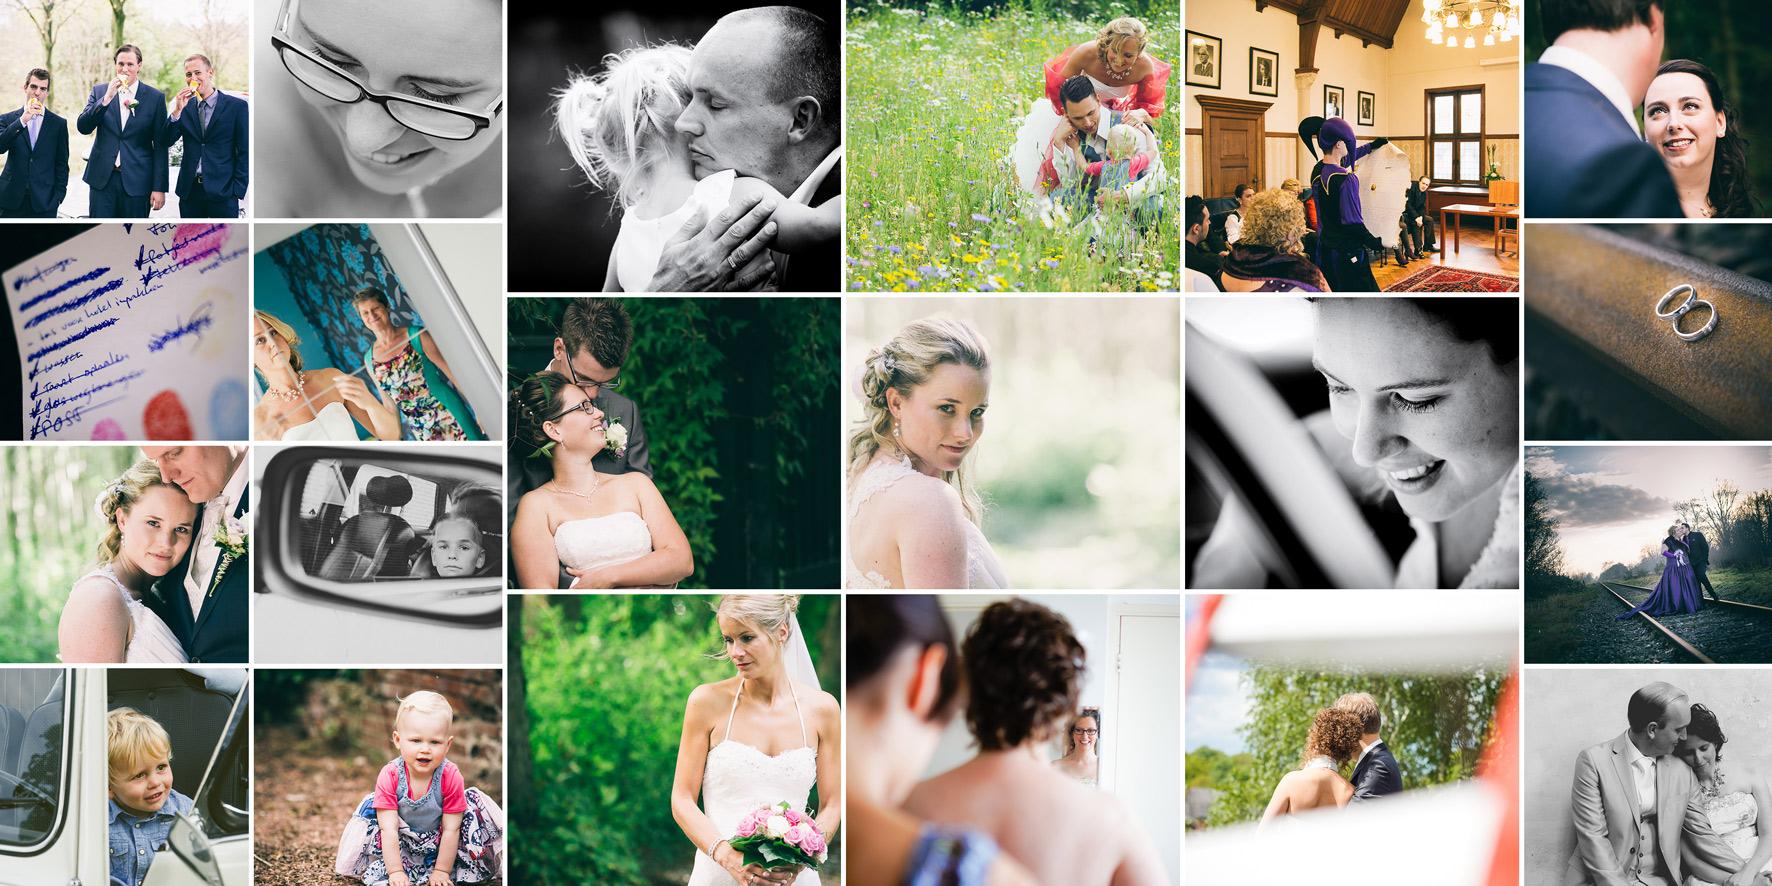 Niekfotografie bruiloft bedankt